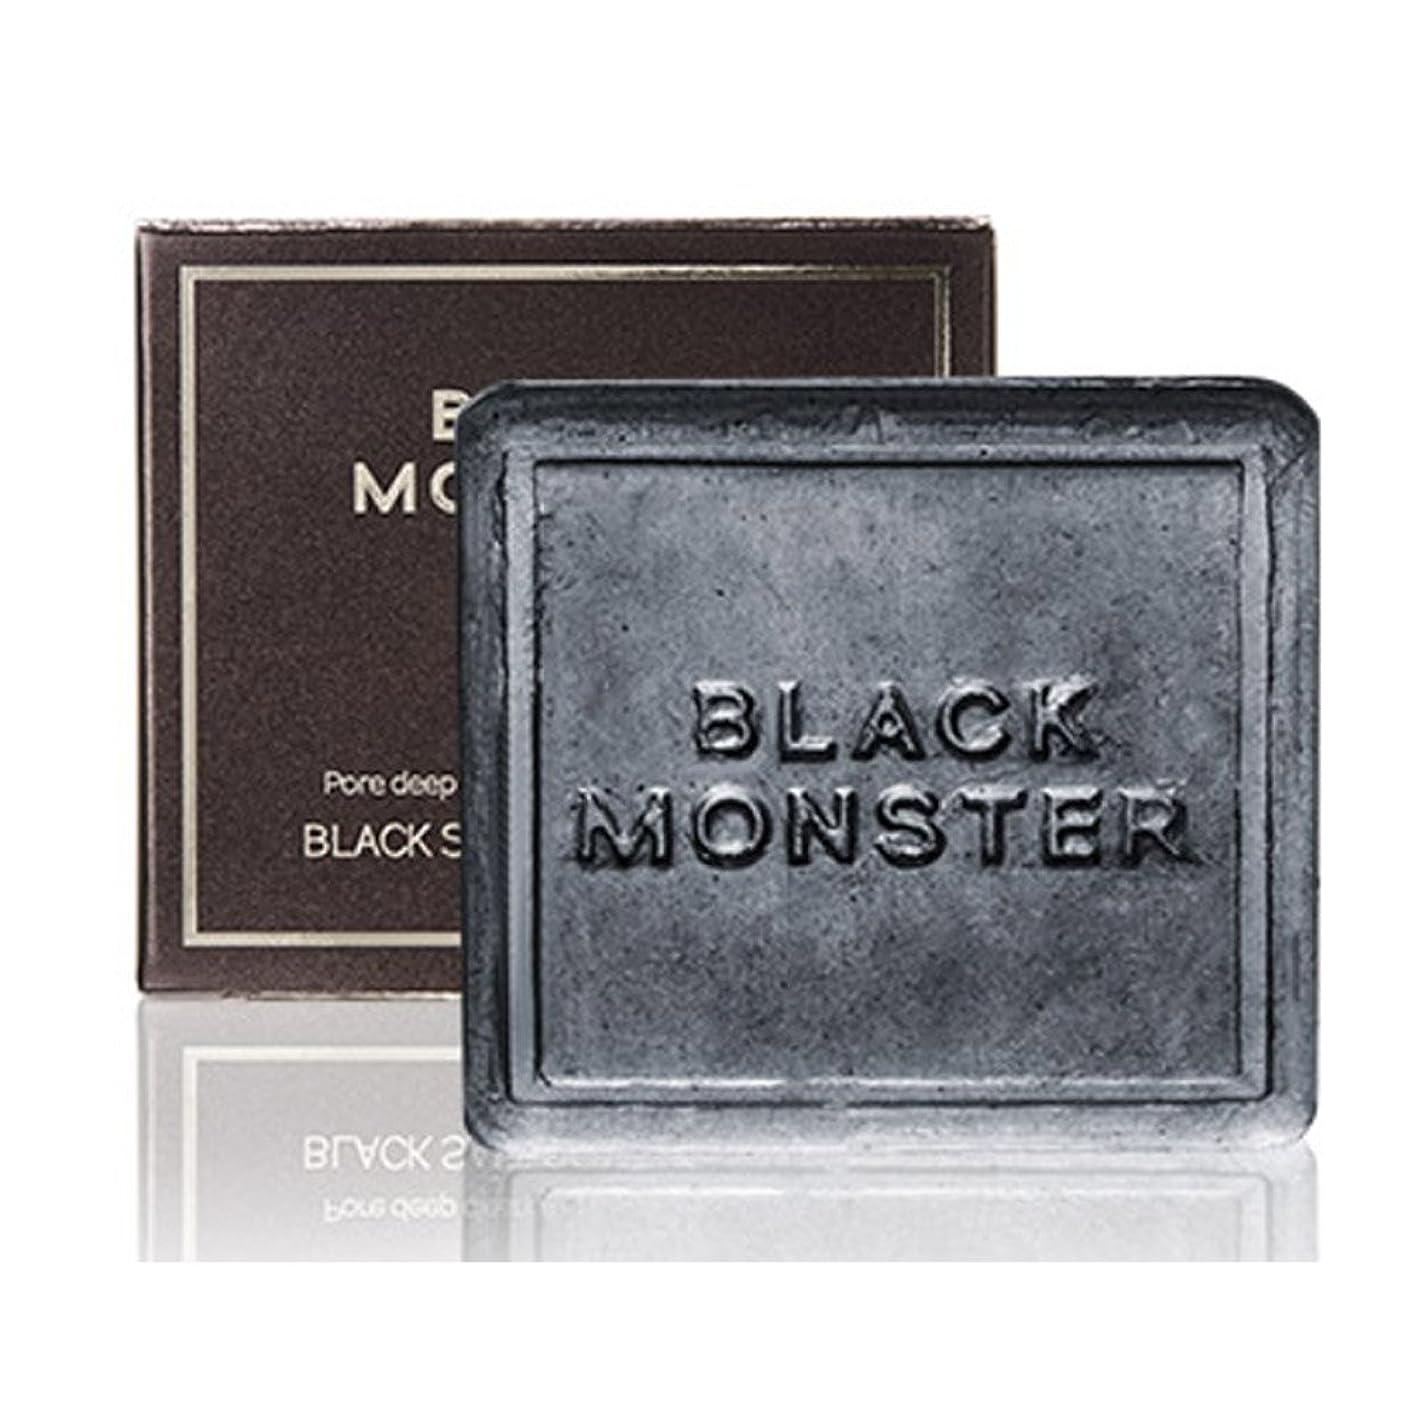 フィットマウンドビジュアル[ブレンクTV] blanktv Black Monster ブラックソルトコントロールバー 120g 海外直送品 black salt control bar [並行輸入品]